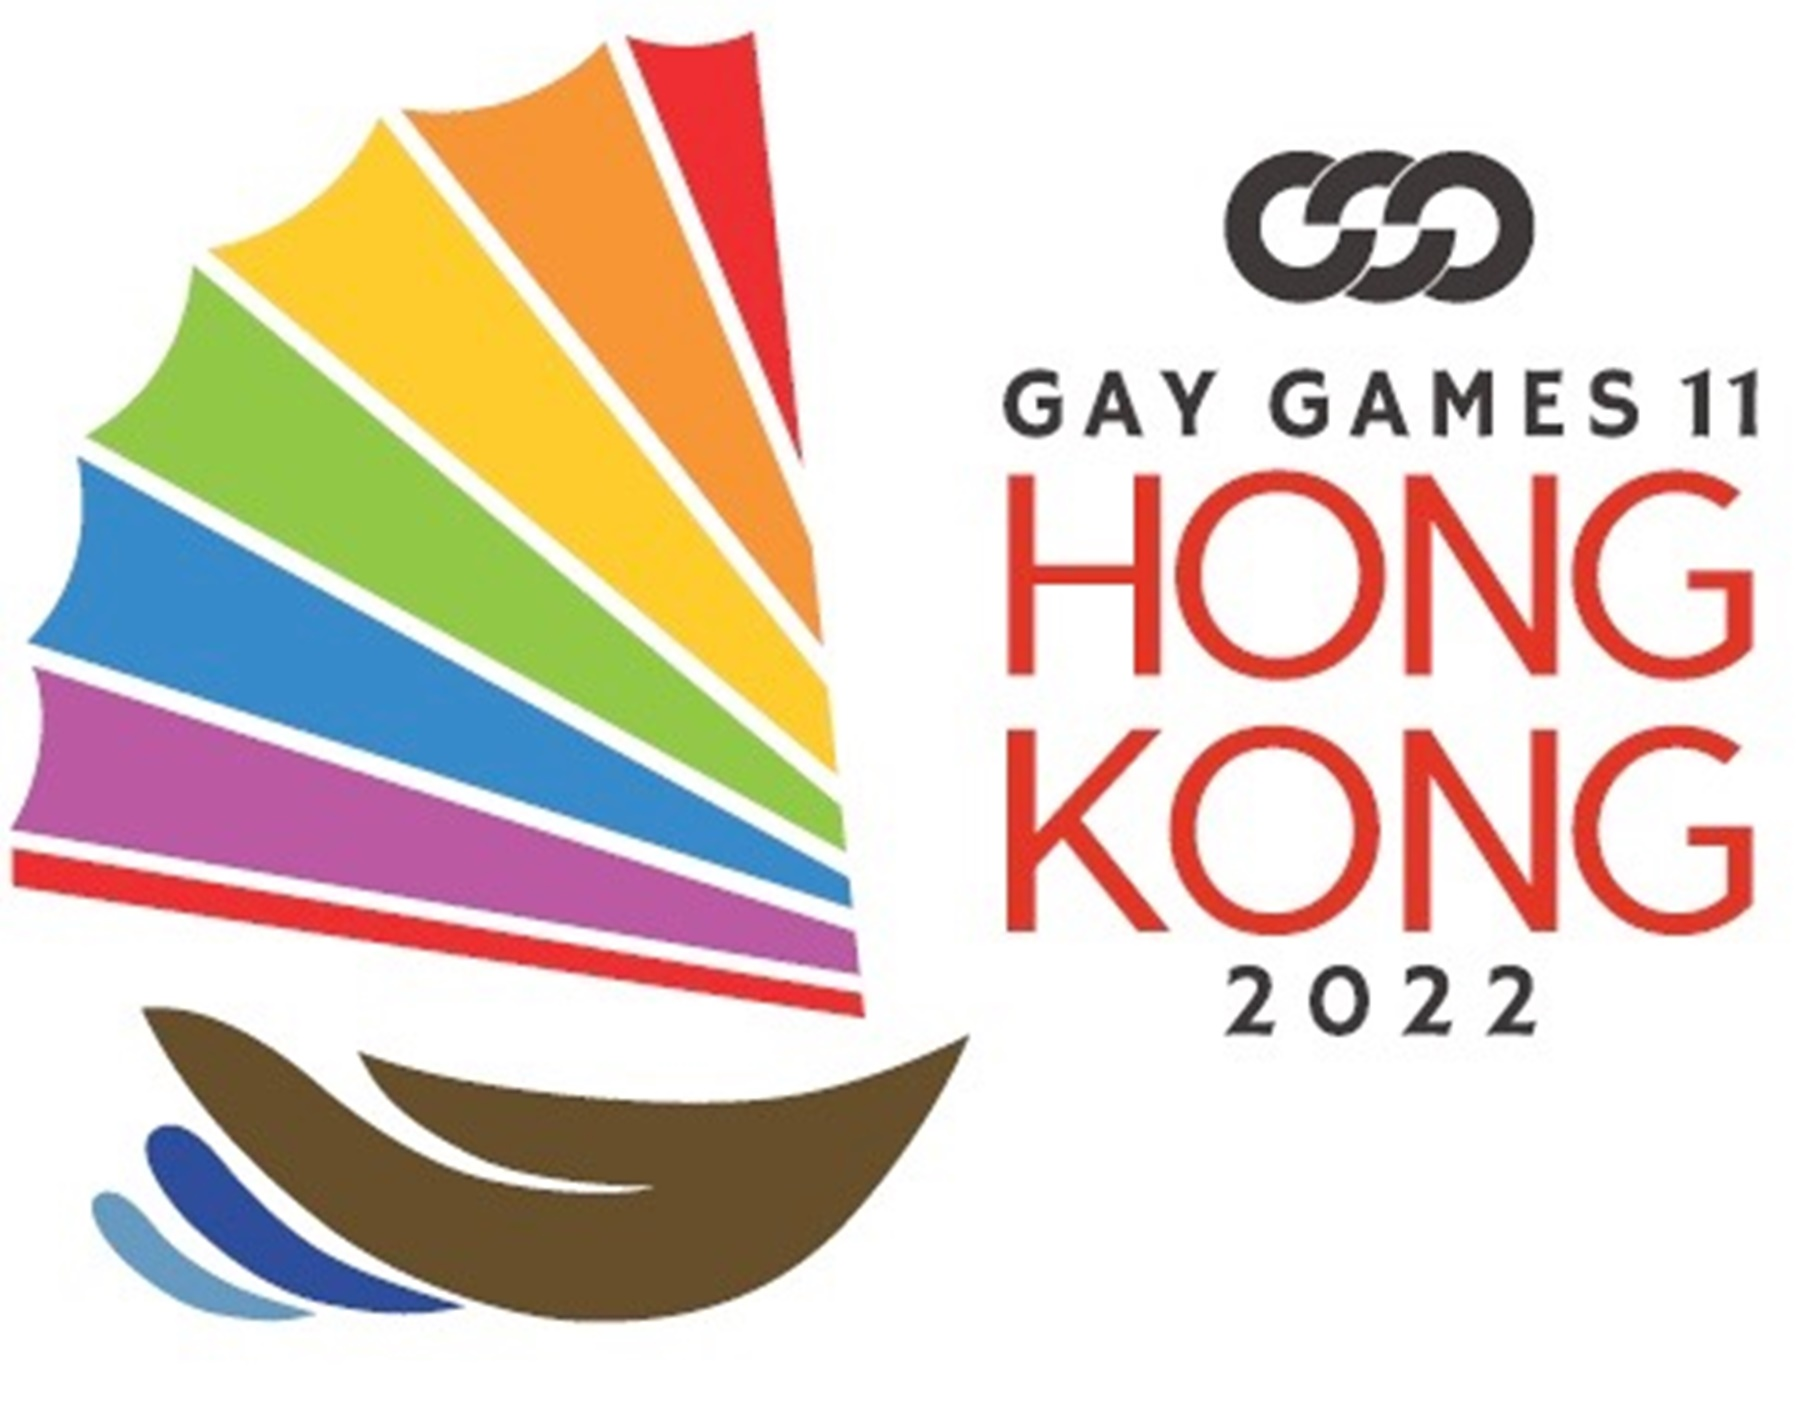 gay games